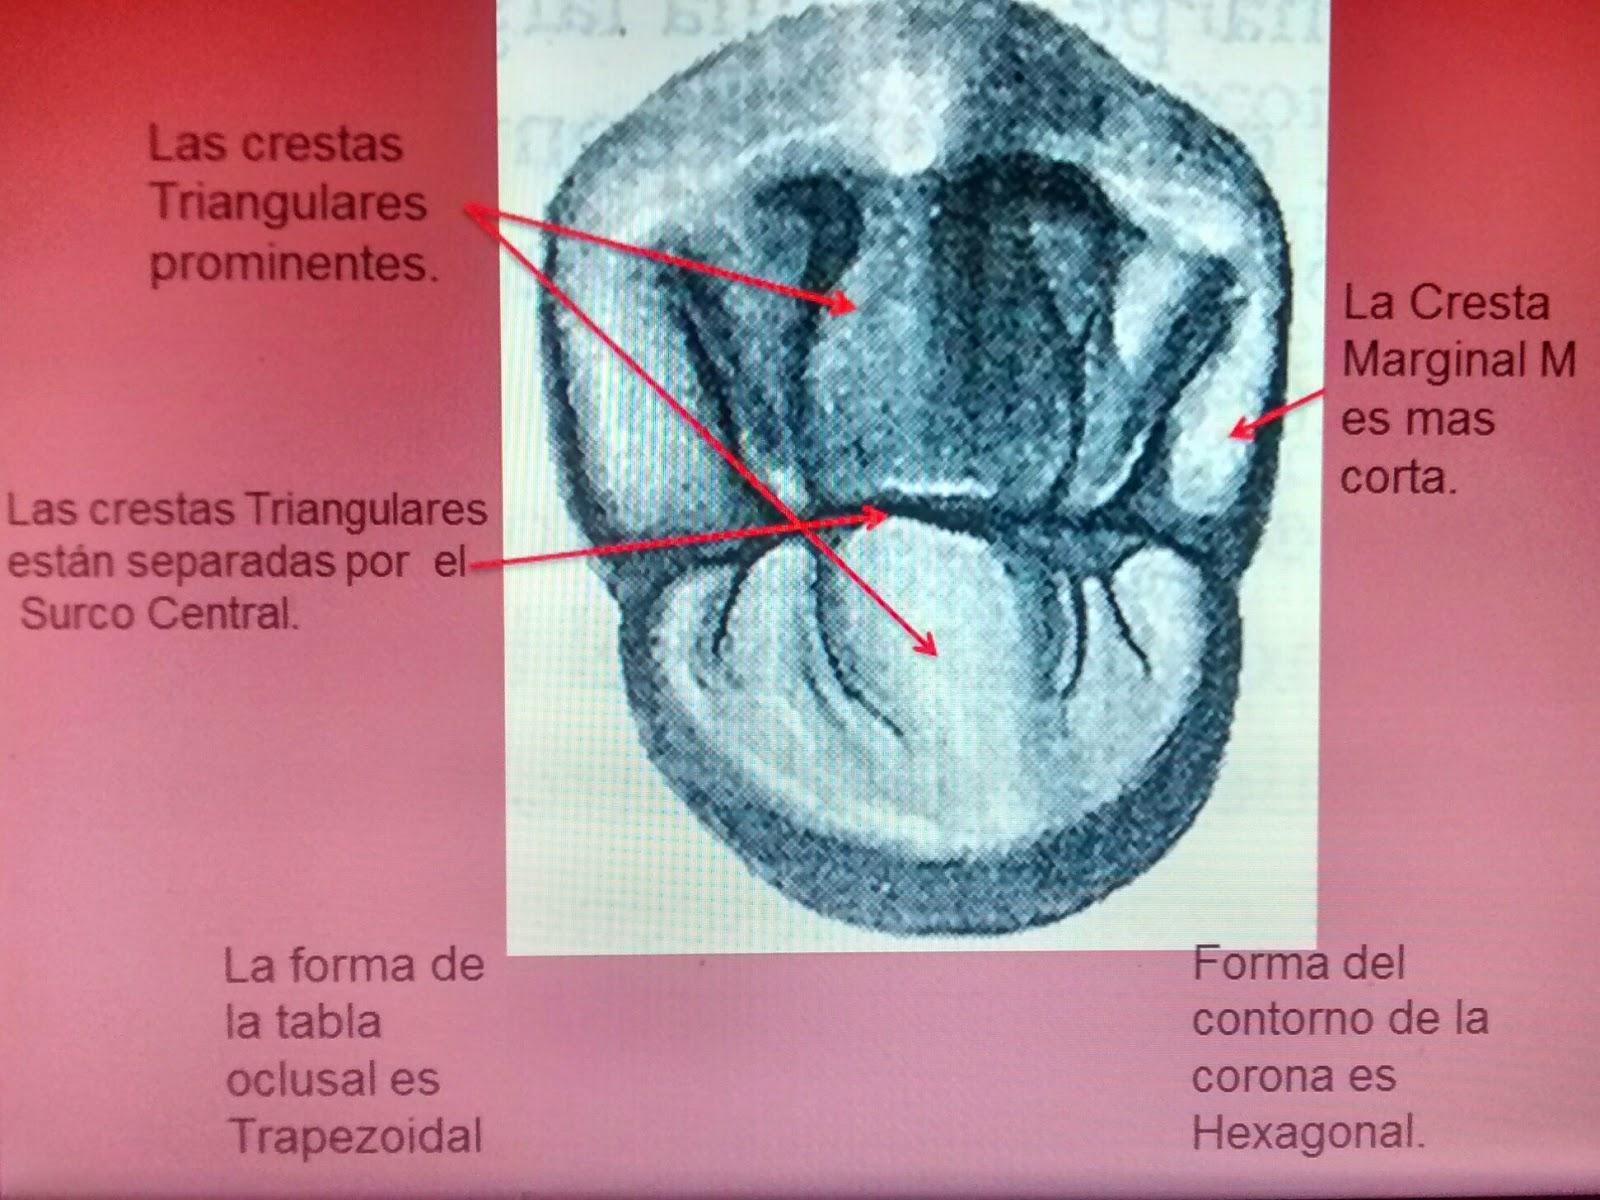 Apuntes de Odontología: conocimientos básicos para nuestra formación